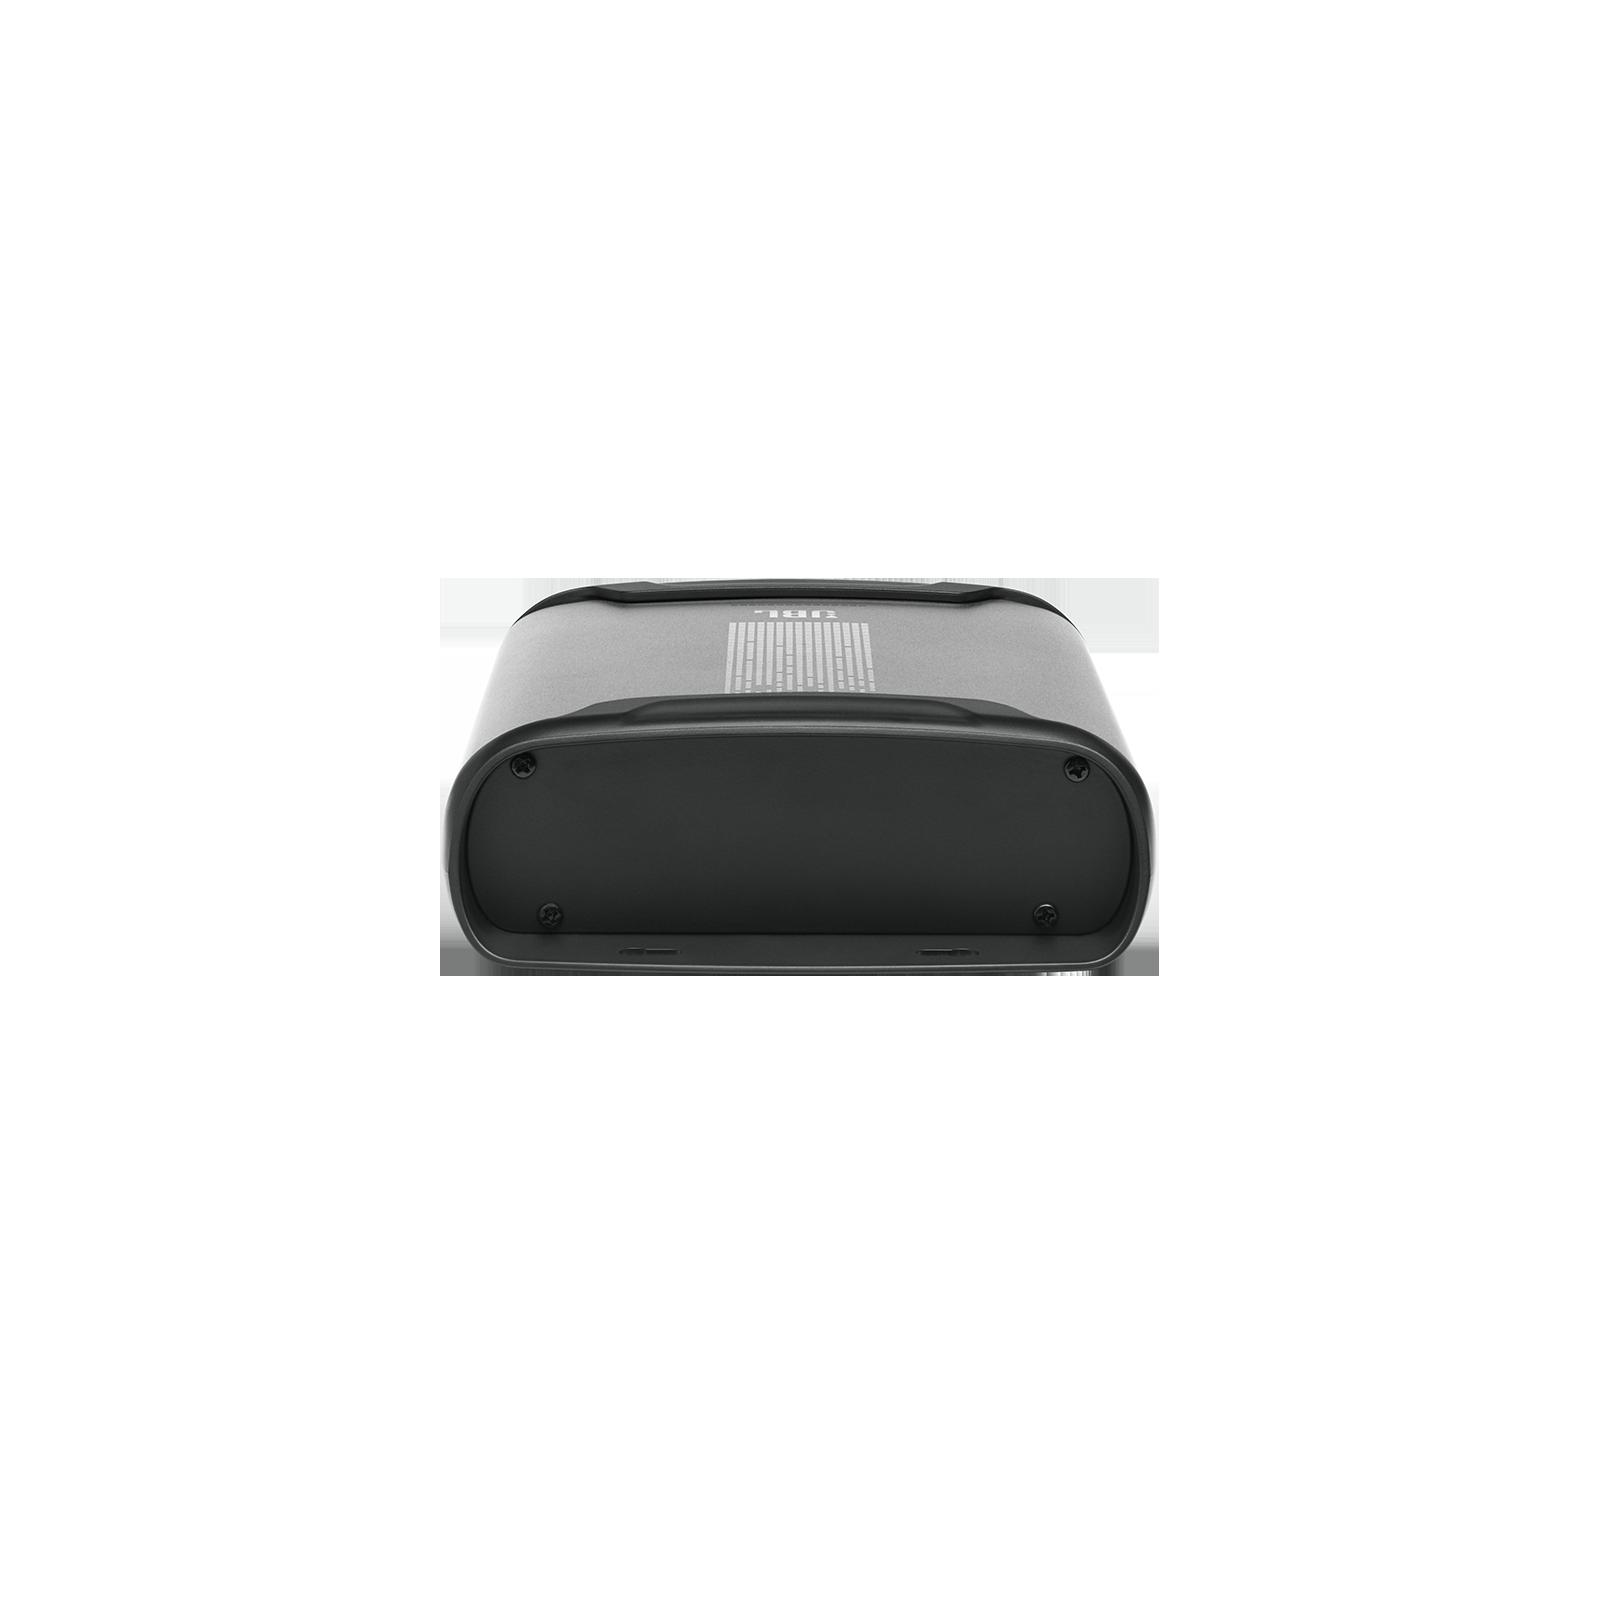 JBL DSP Amplifier DSP4086 - Black - Back